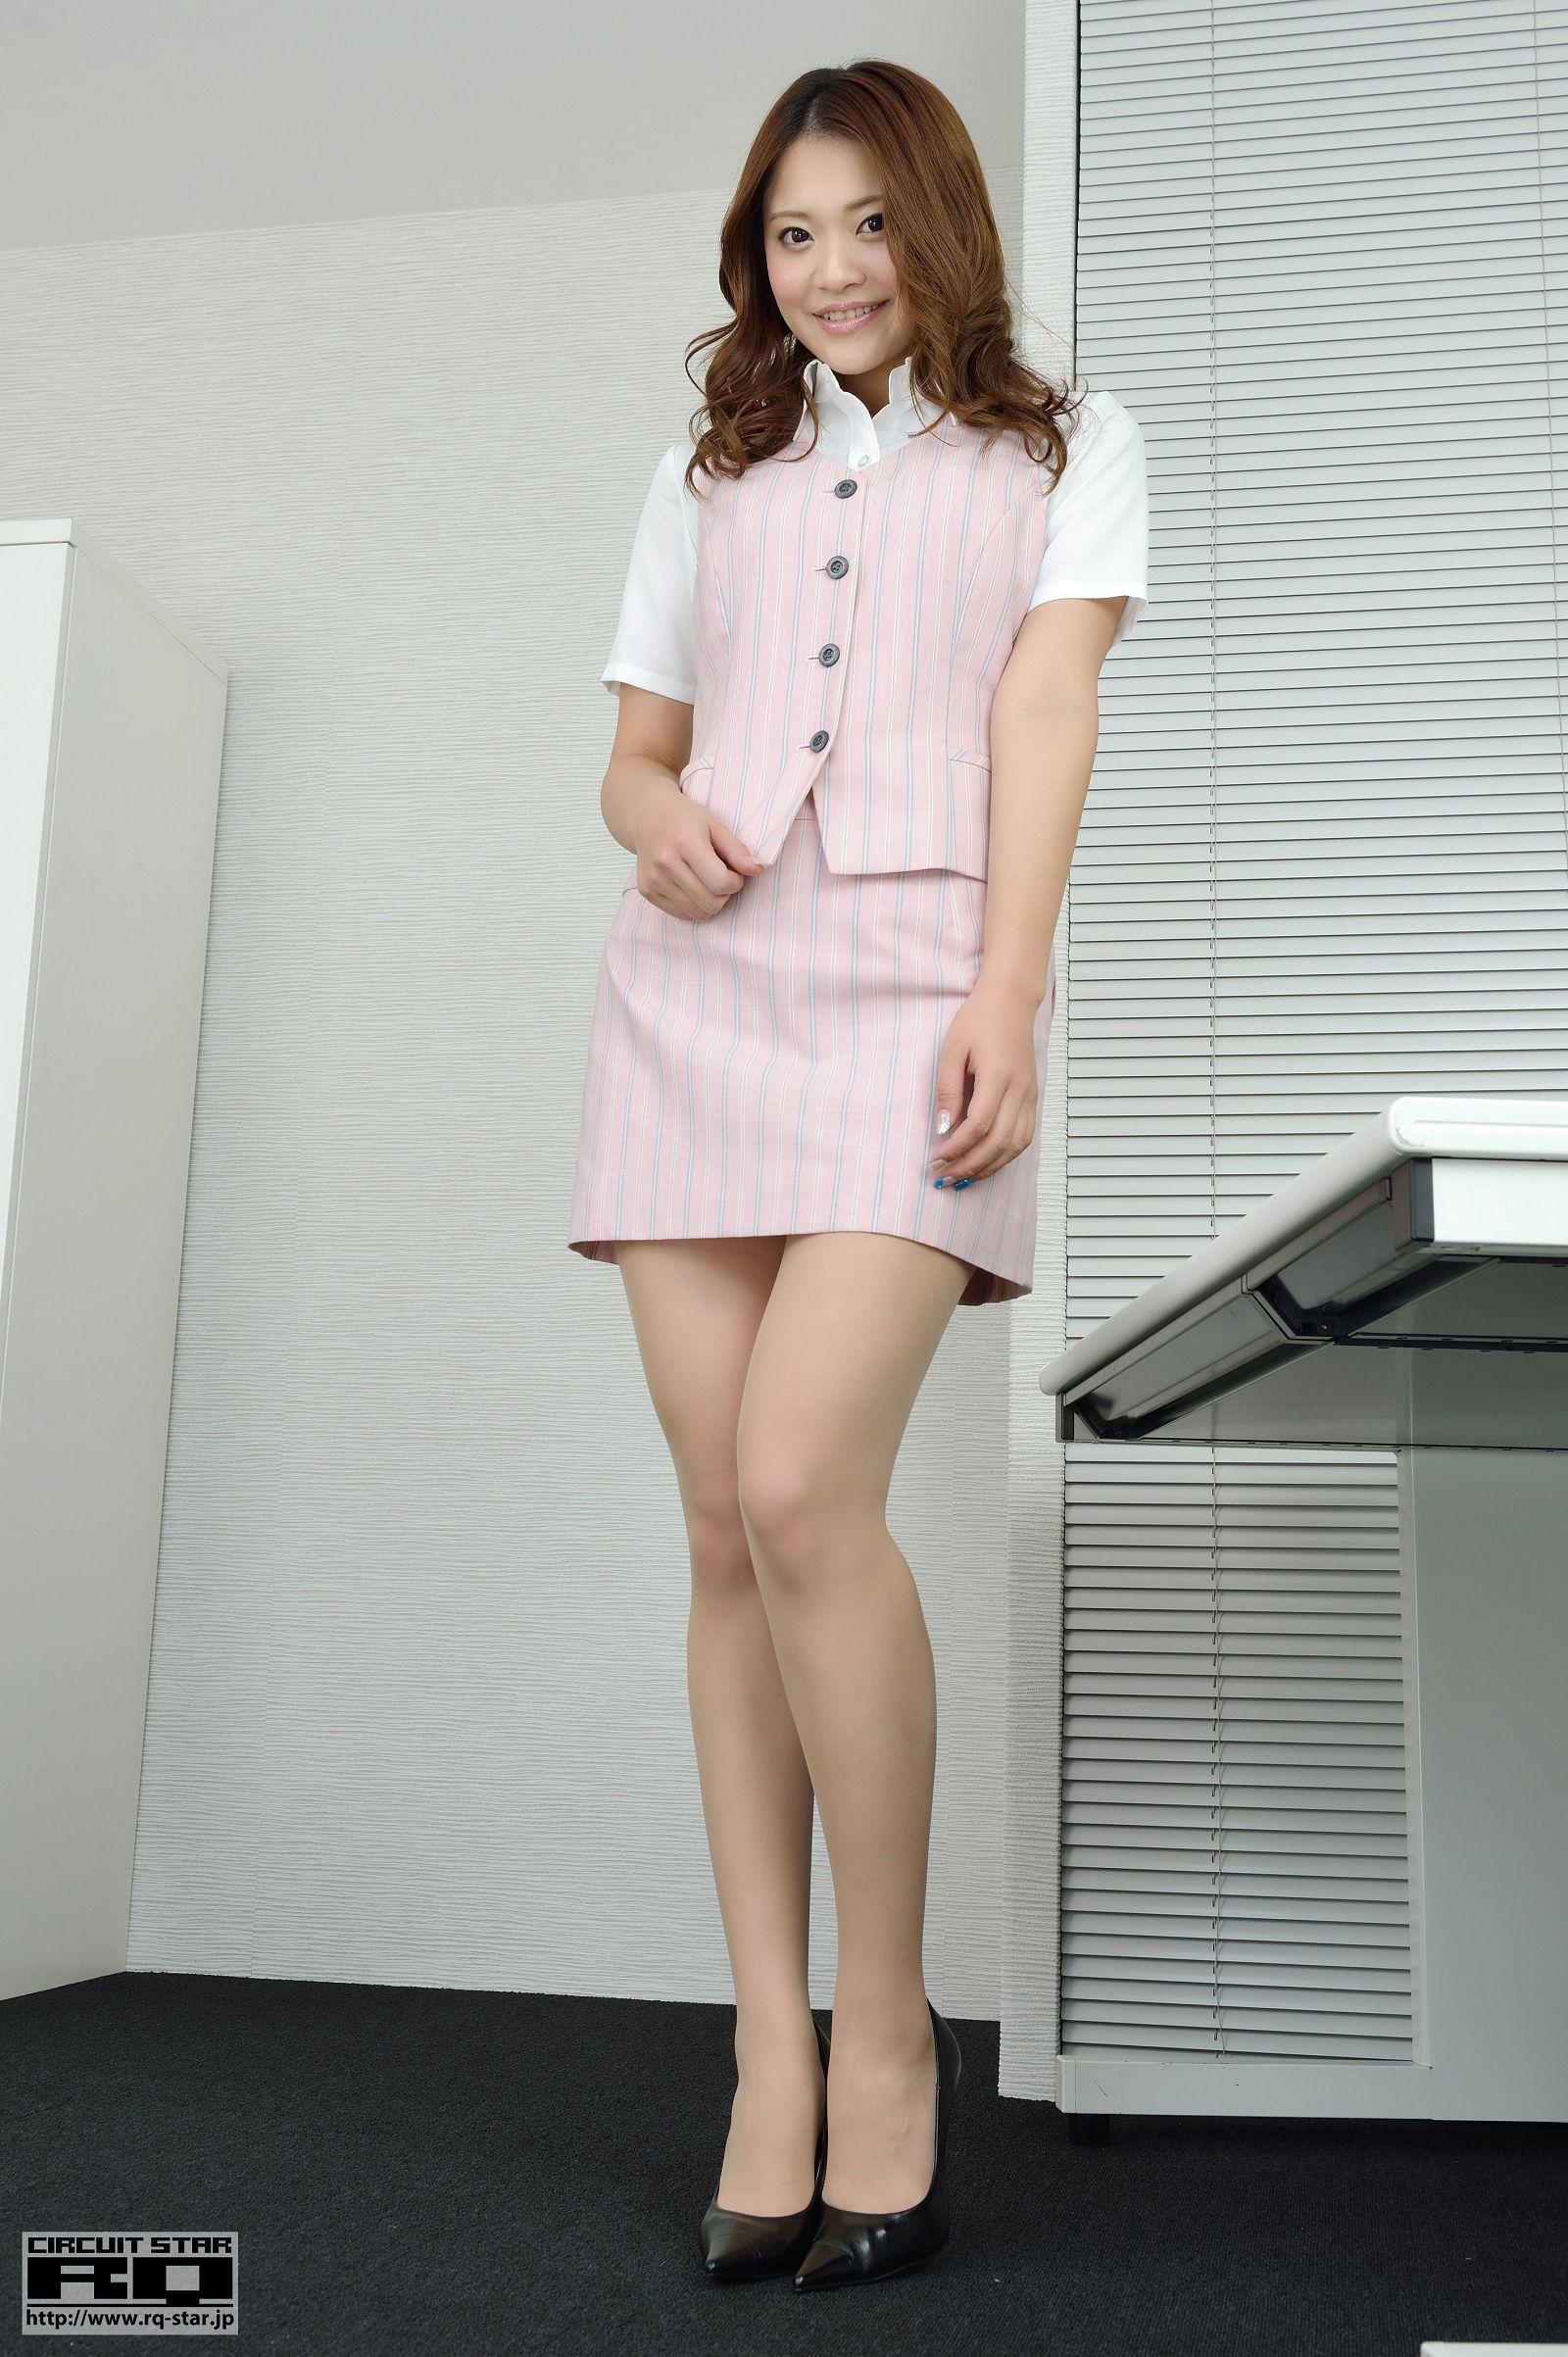 [RQ STAR美女] NO.00888 Mai Nishimura 西村麻依 Office Lady[80P] RQ STAR 第1张